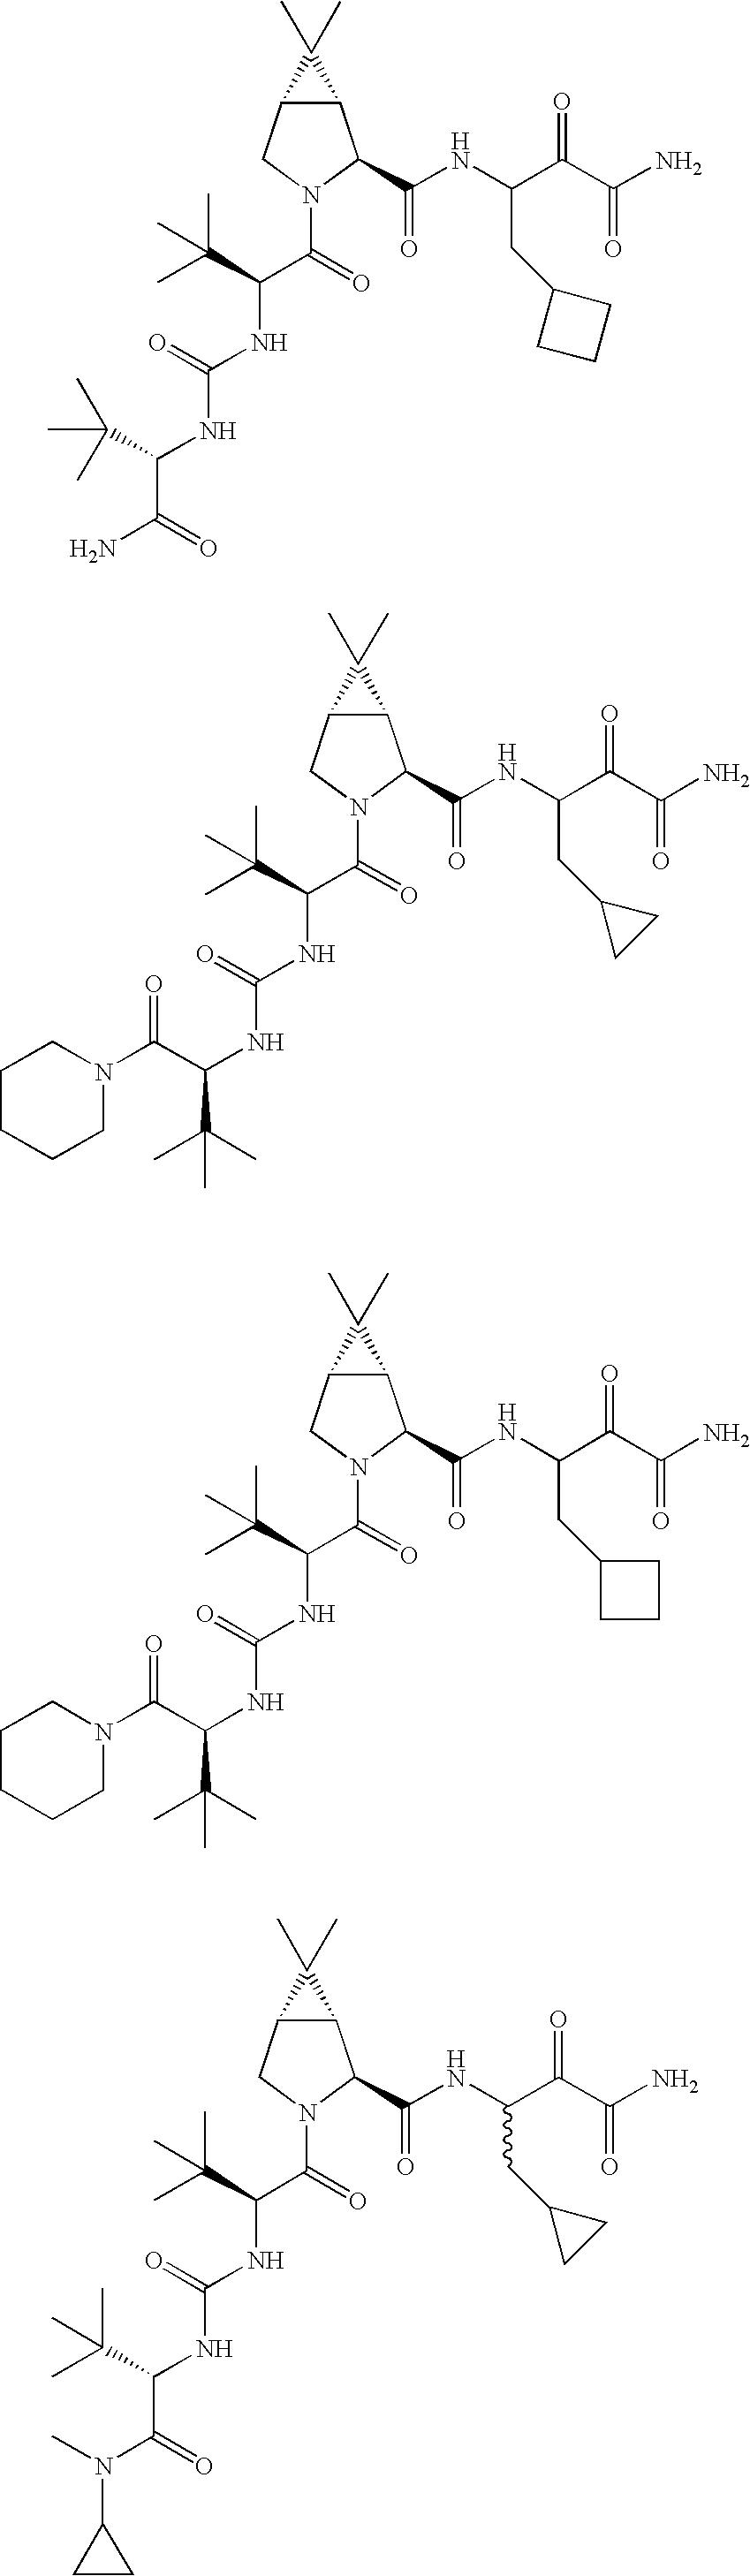 Figure US20060287248A1-20061221-C00312